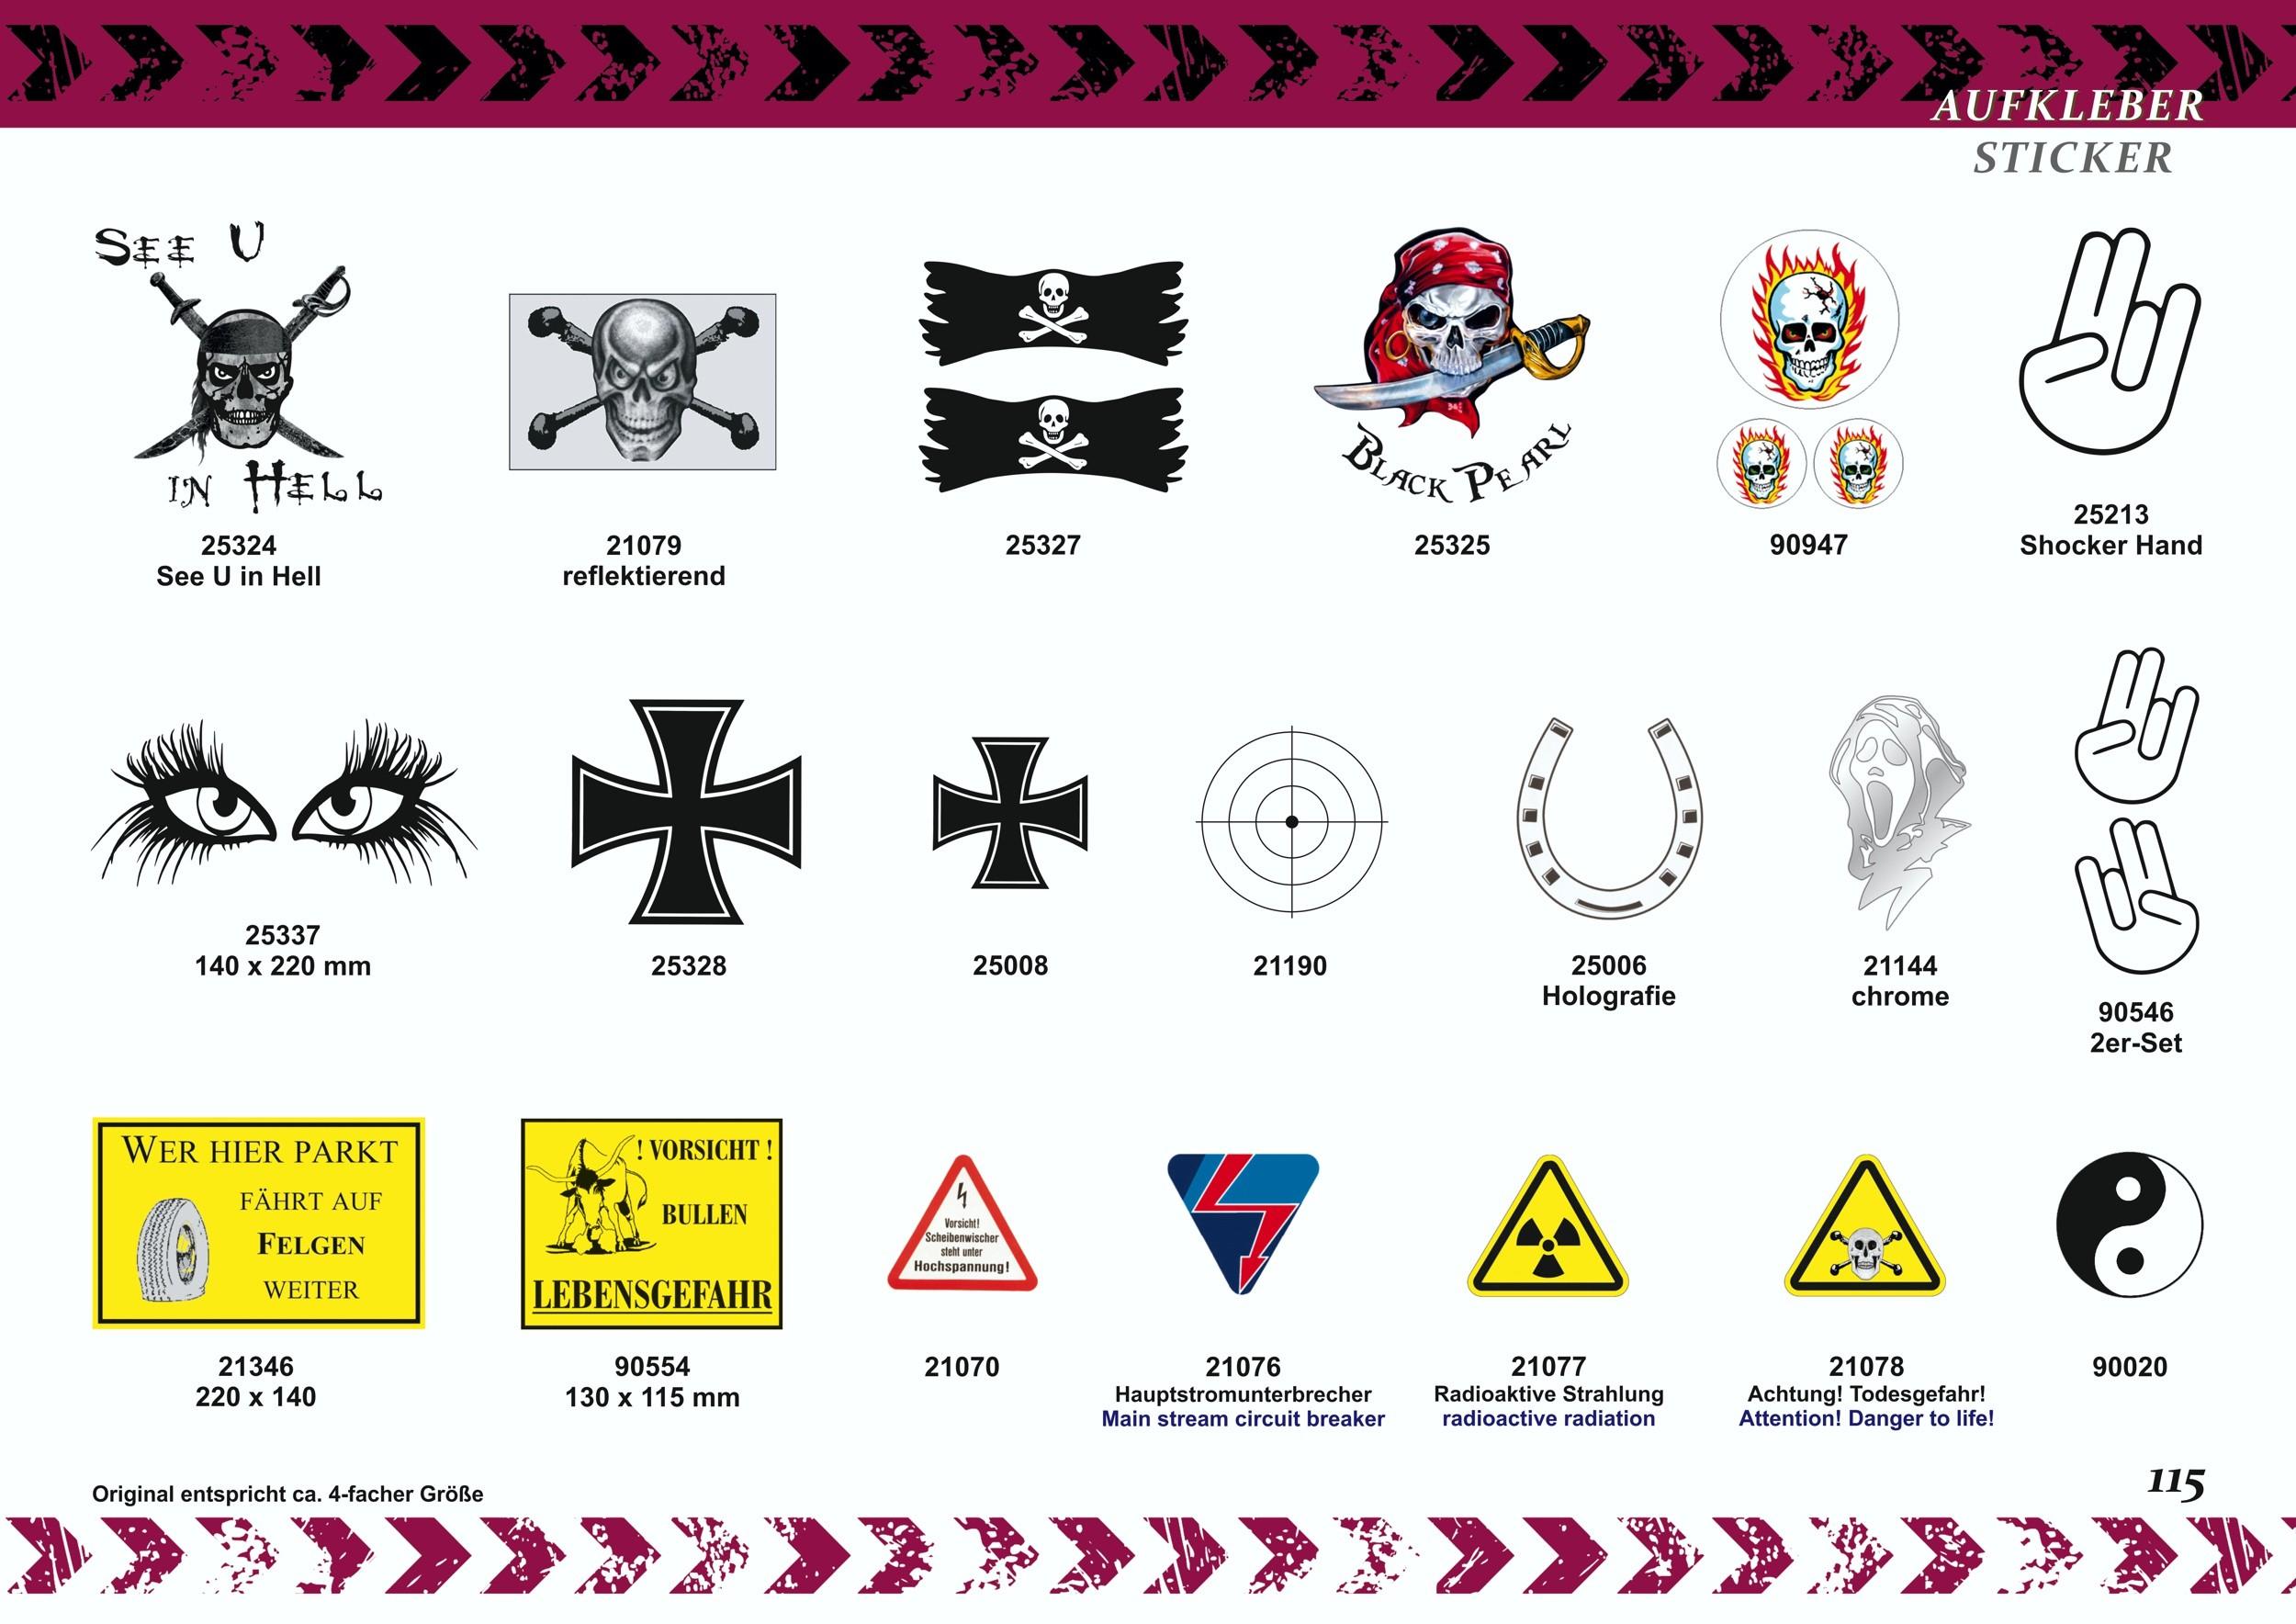 Aufkleber Bitte anschnallen! Fasten seat belts! schwarz – Bild 8